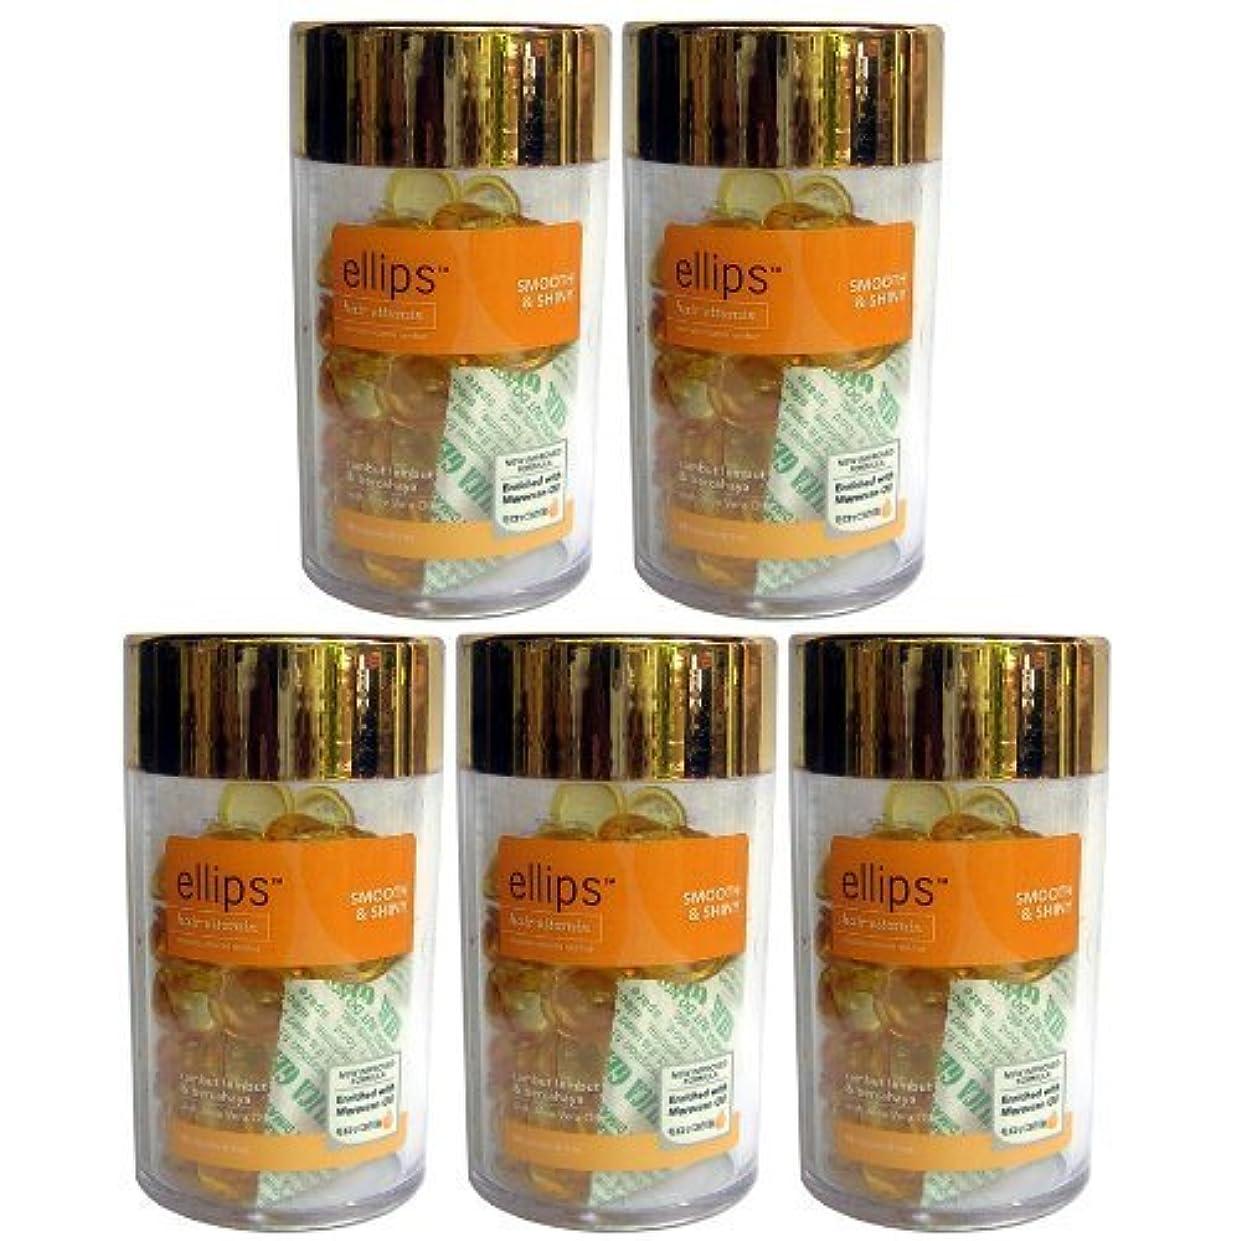 傾向スーパーアスレチックエリップスellipsヘアビタミン洗い流さないヘアトリートメント50粒入ボトル5本組(海外直送品)(並行輸入品) (黄色5本)